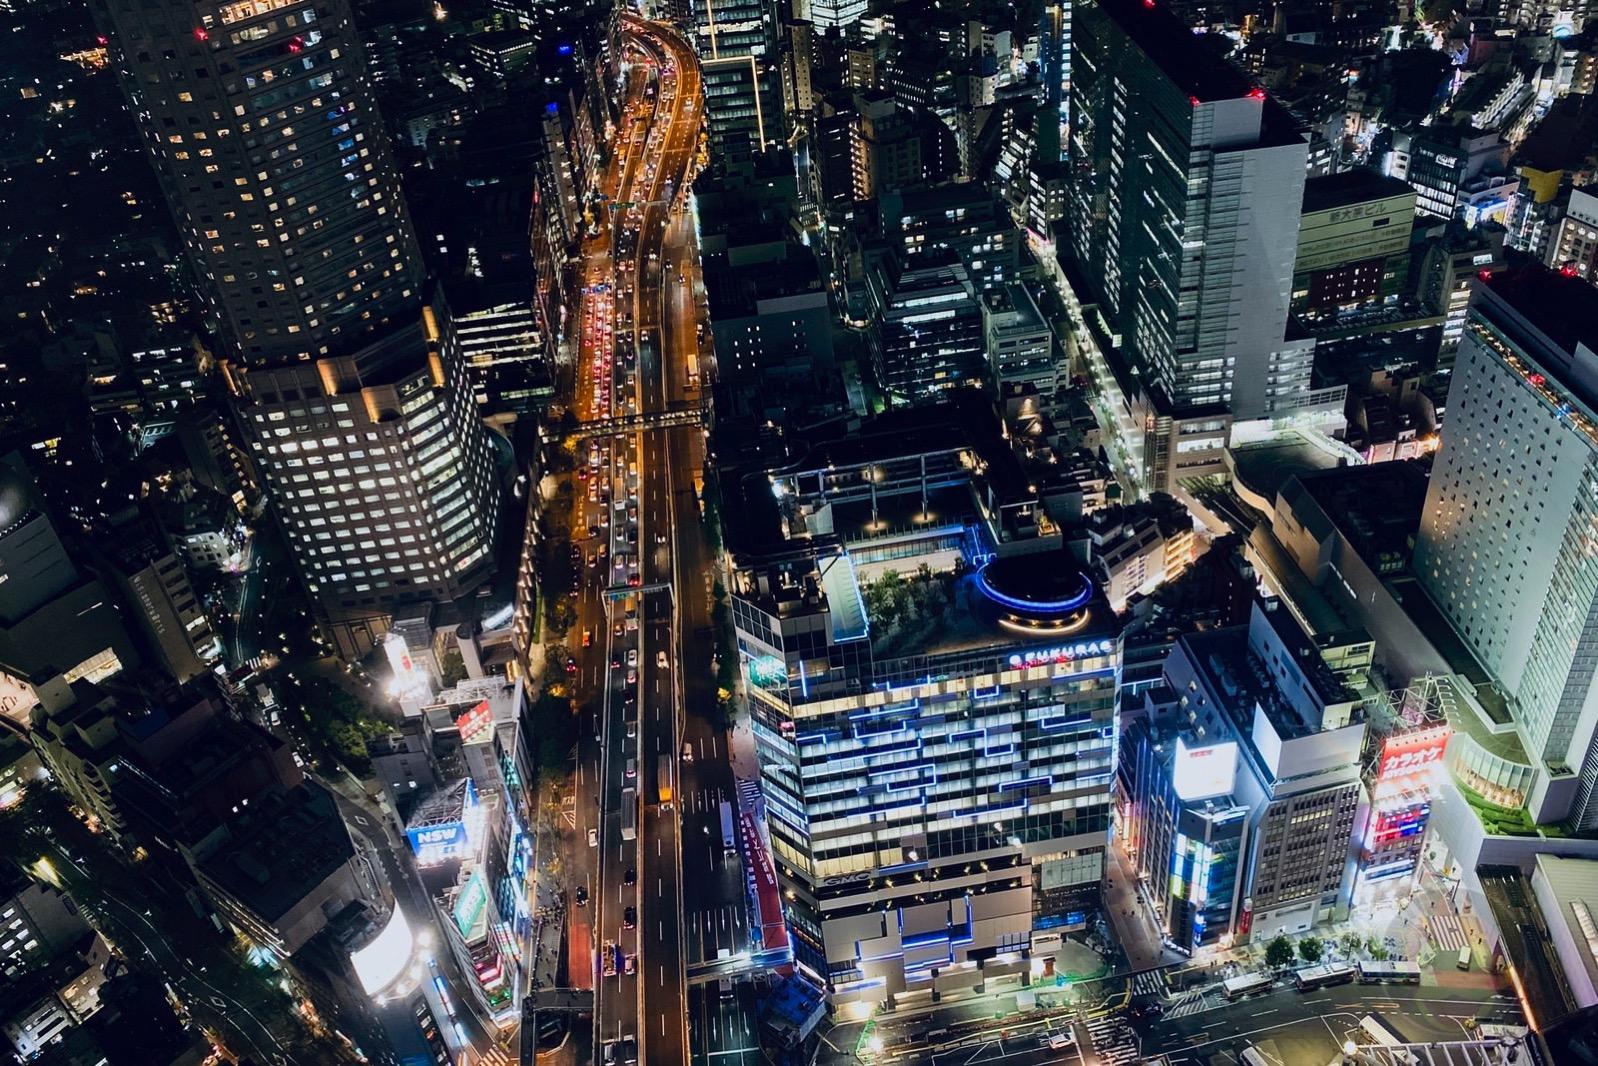 Shibuya Scramble Square ShibuyaSky 22